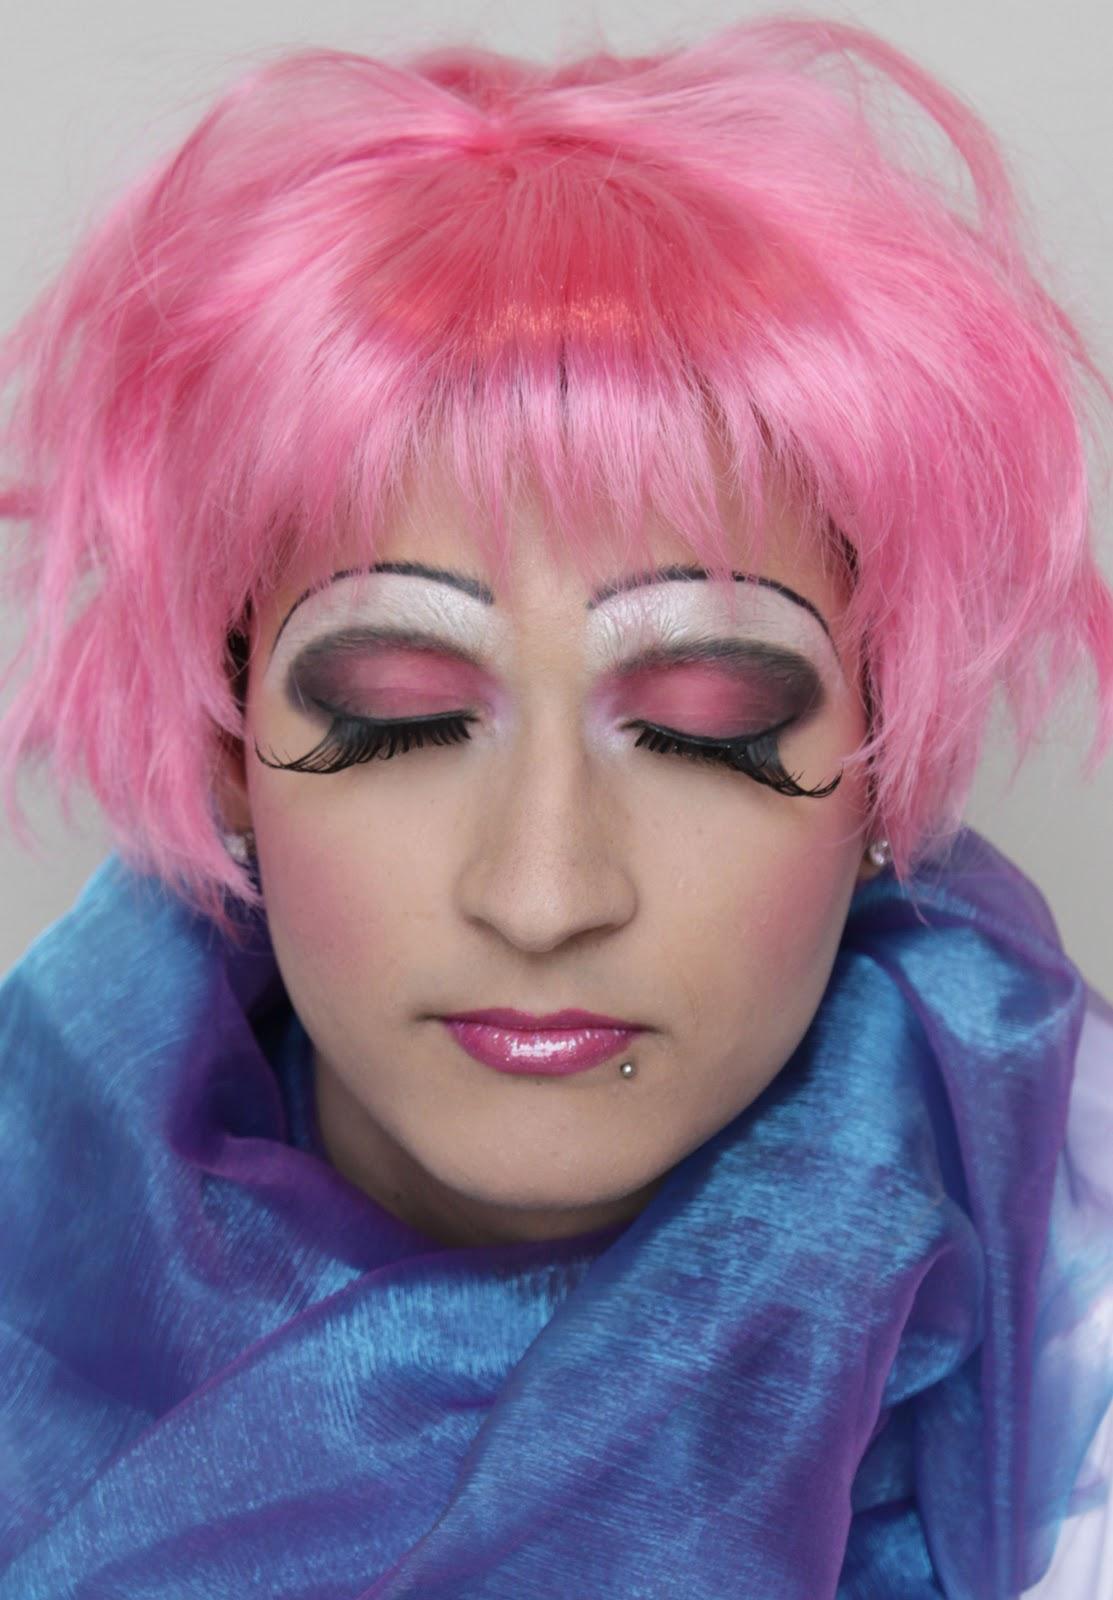 Il Profumo Di Bellazza Drag Queen Makeup